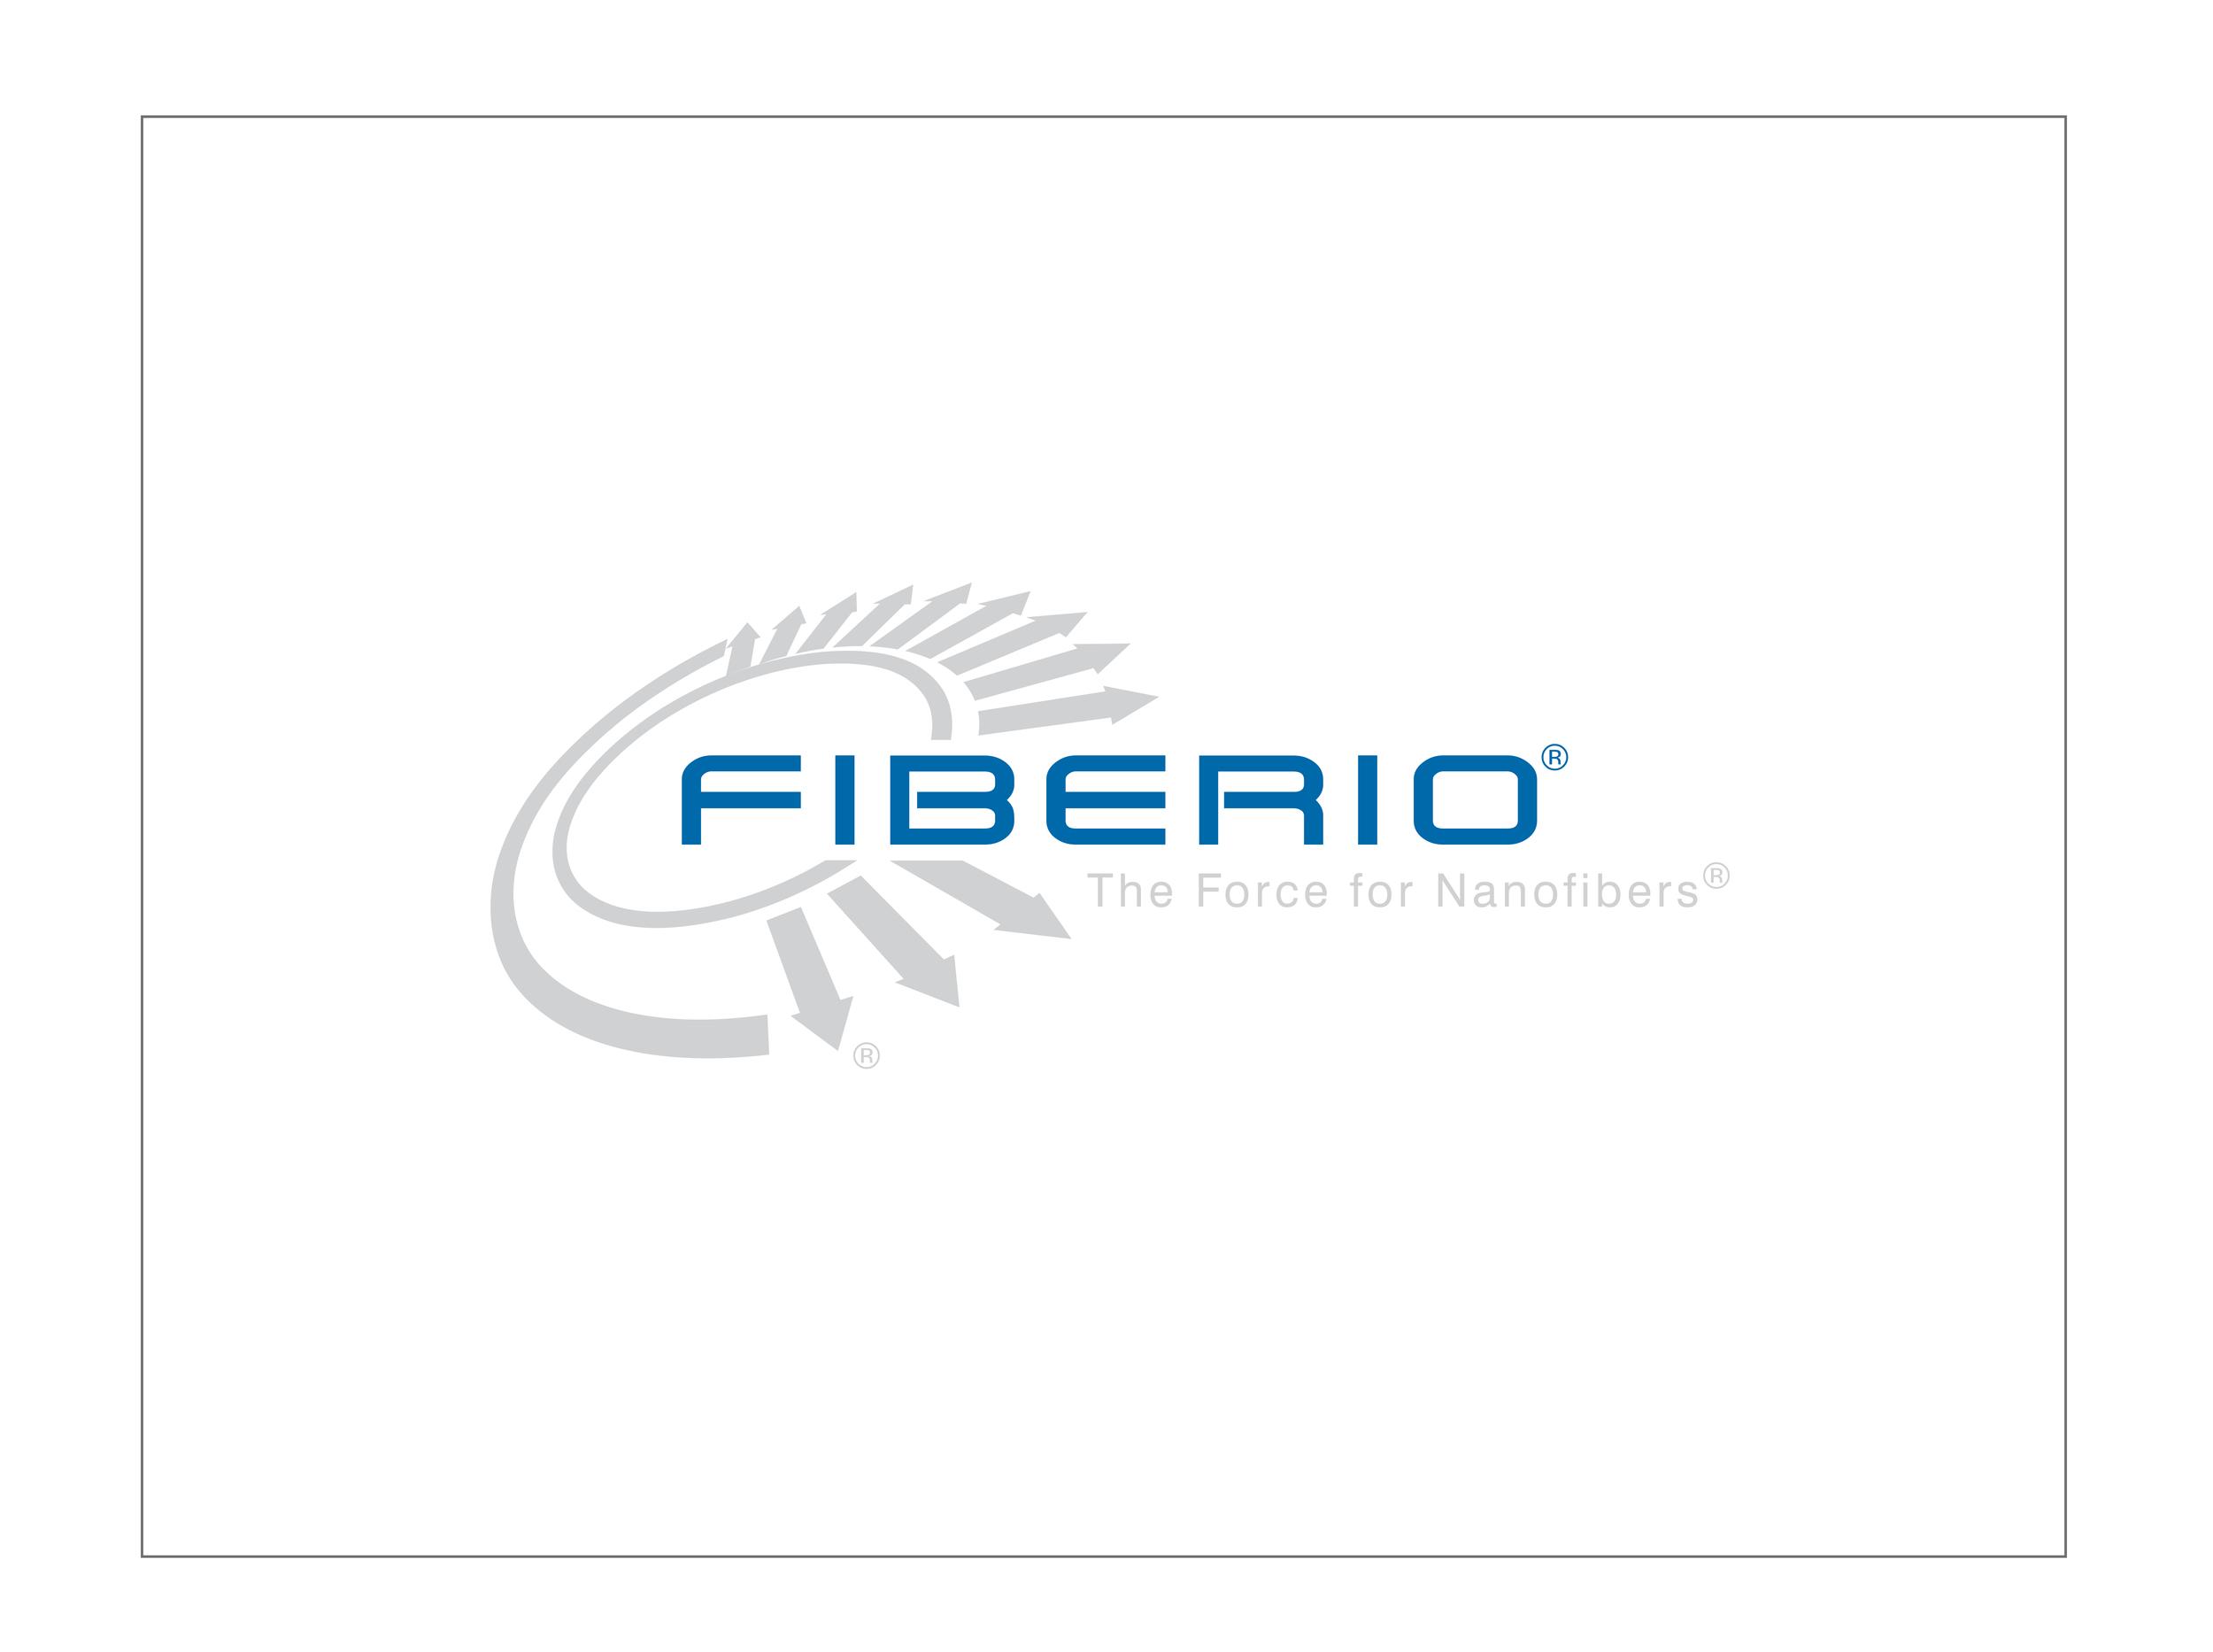 fiberio_khrg.jpg